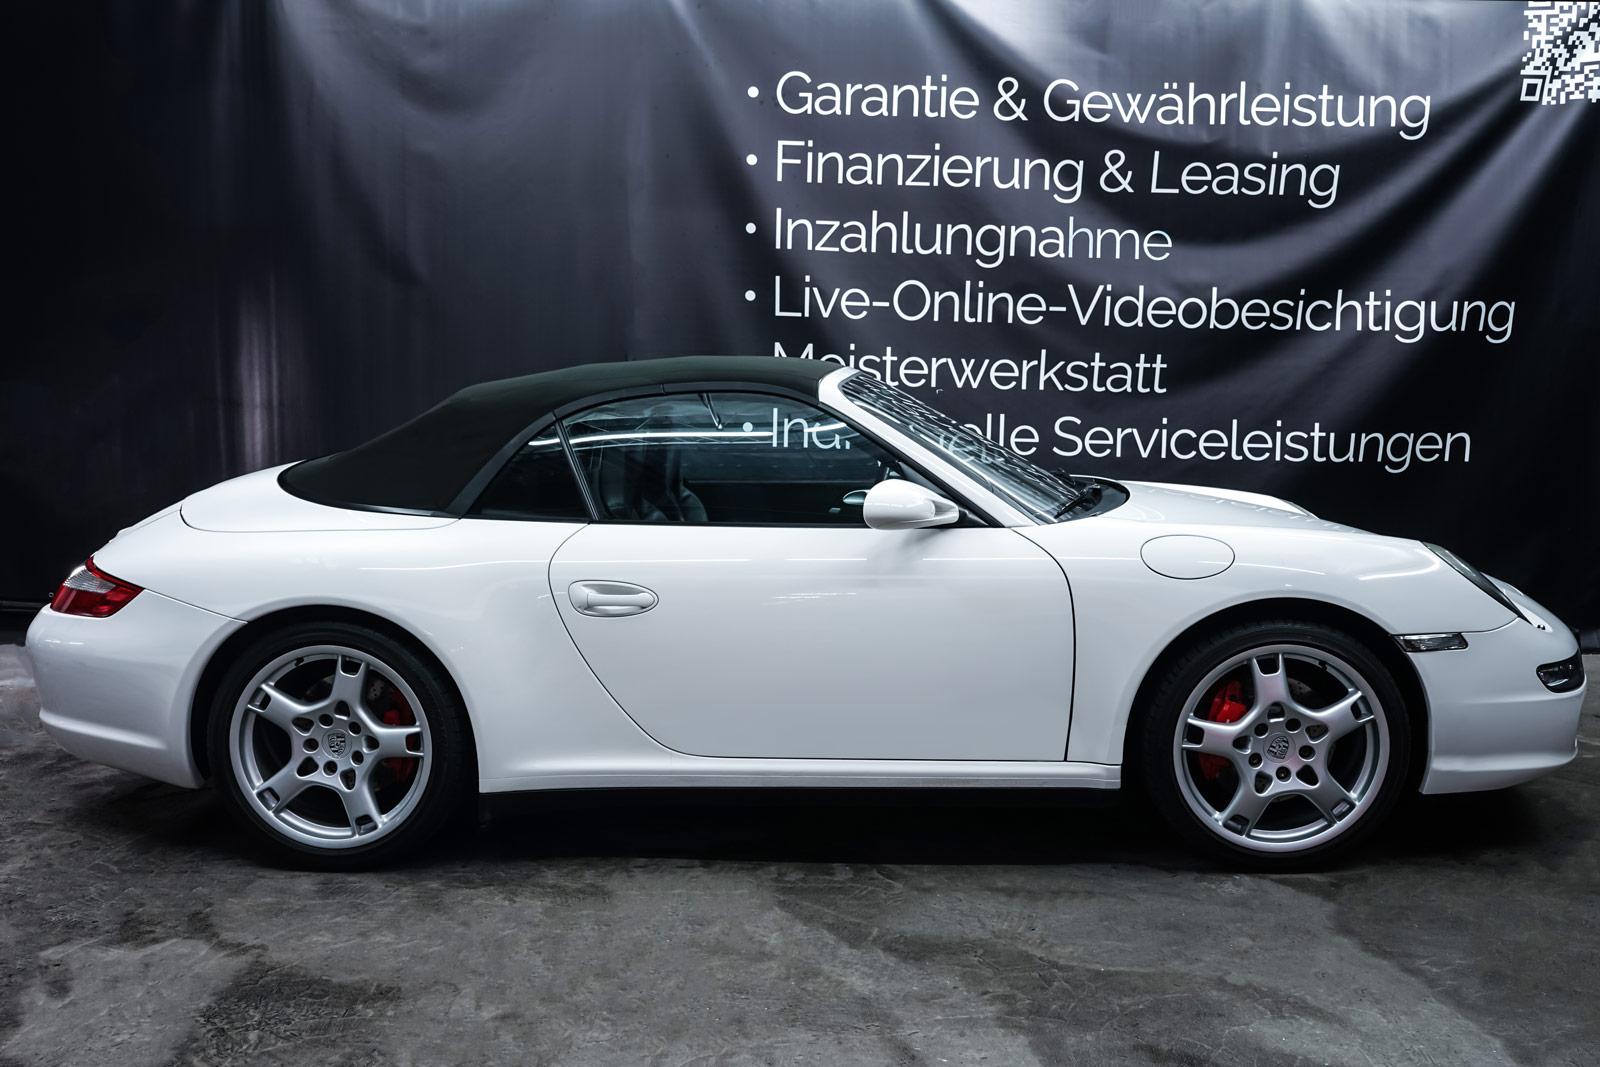 Porsche_997_C4S_Cabrio_Weiß_Braun_POR-4557_21_w